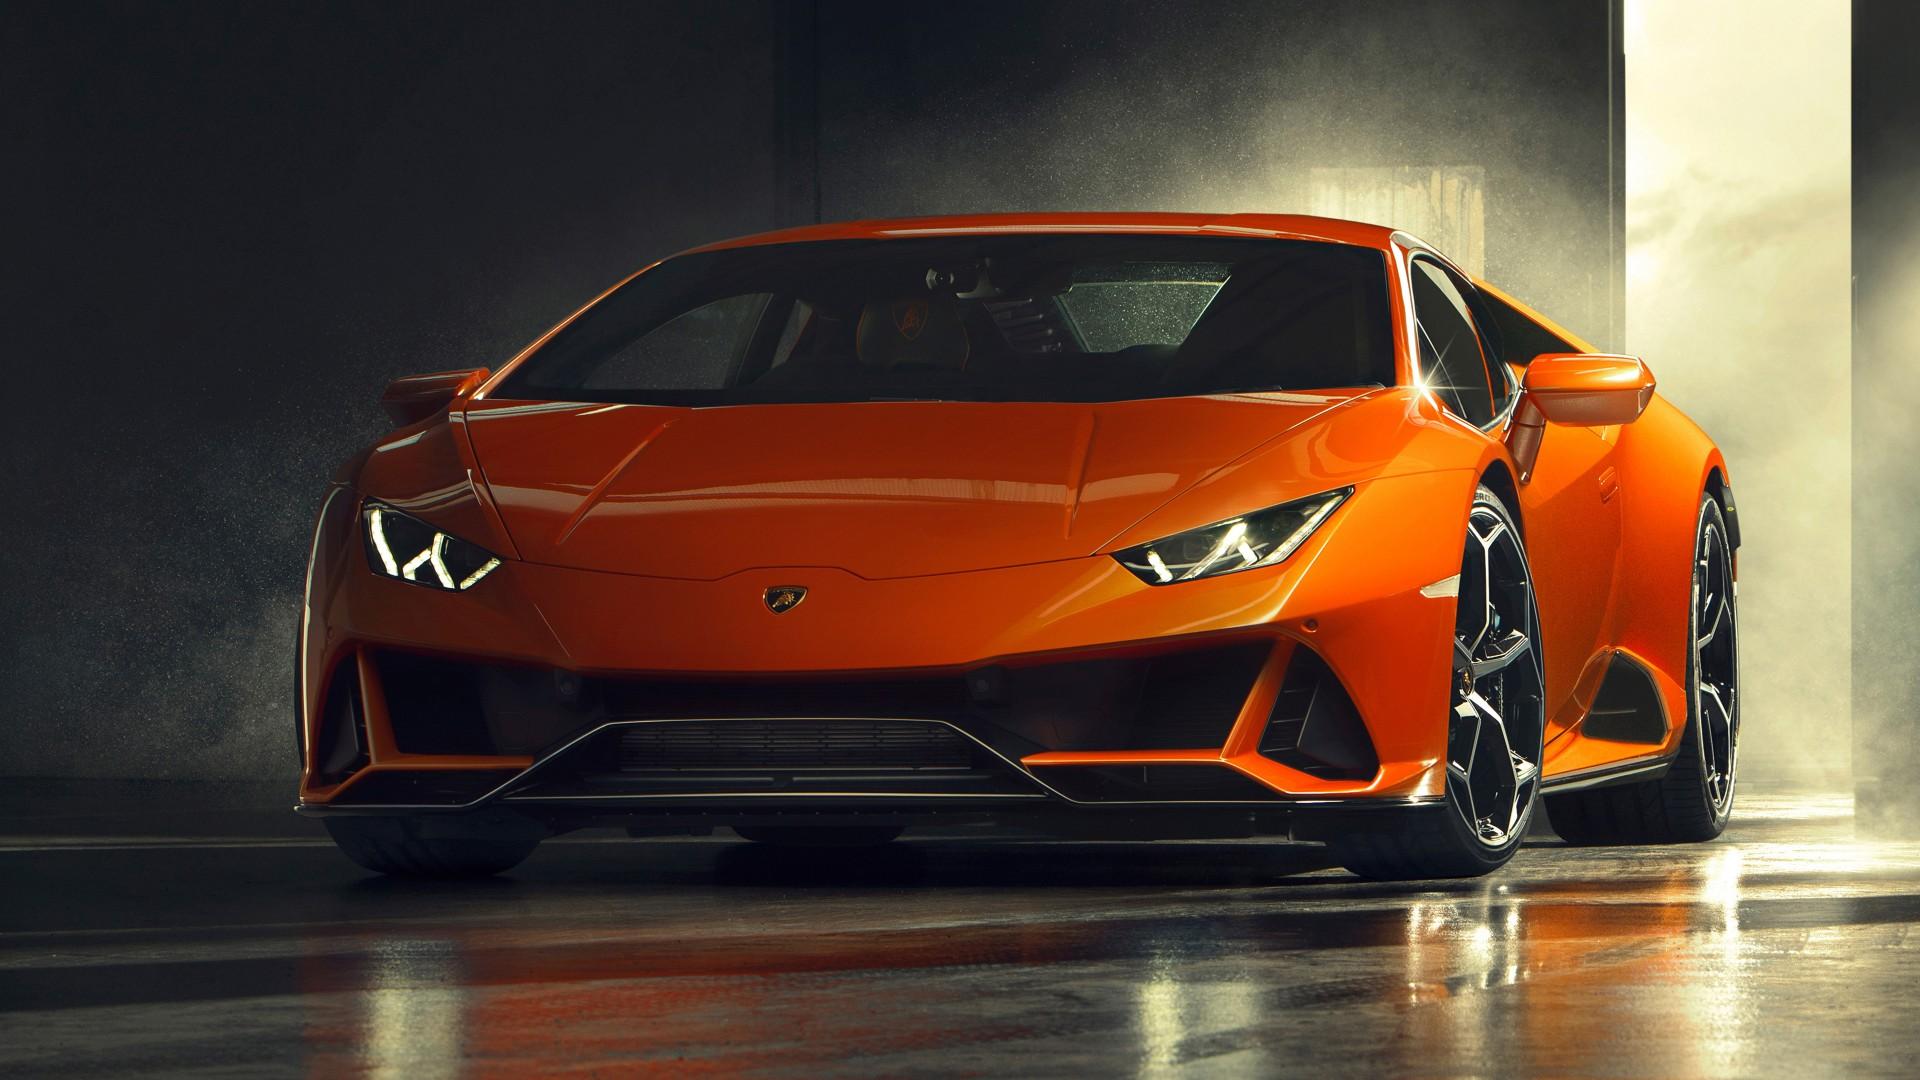 1024x768 Car Wallpapers Lamborghini Huracan Evo 2019 4k Wallpapers Hd Wallpapers